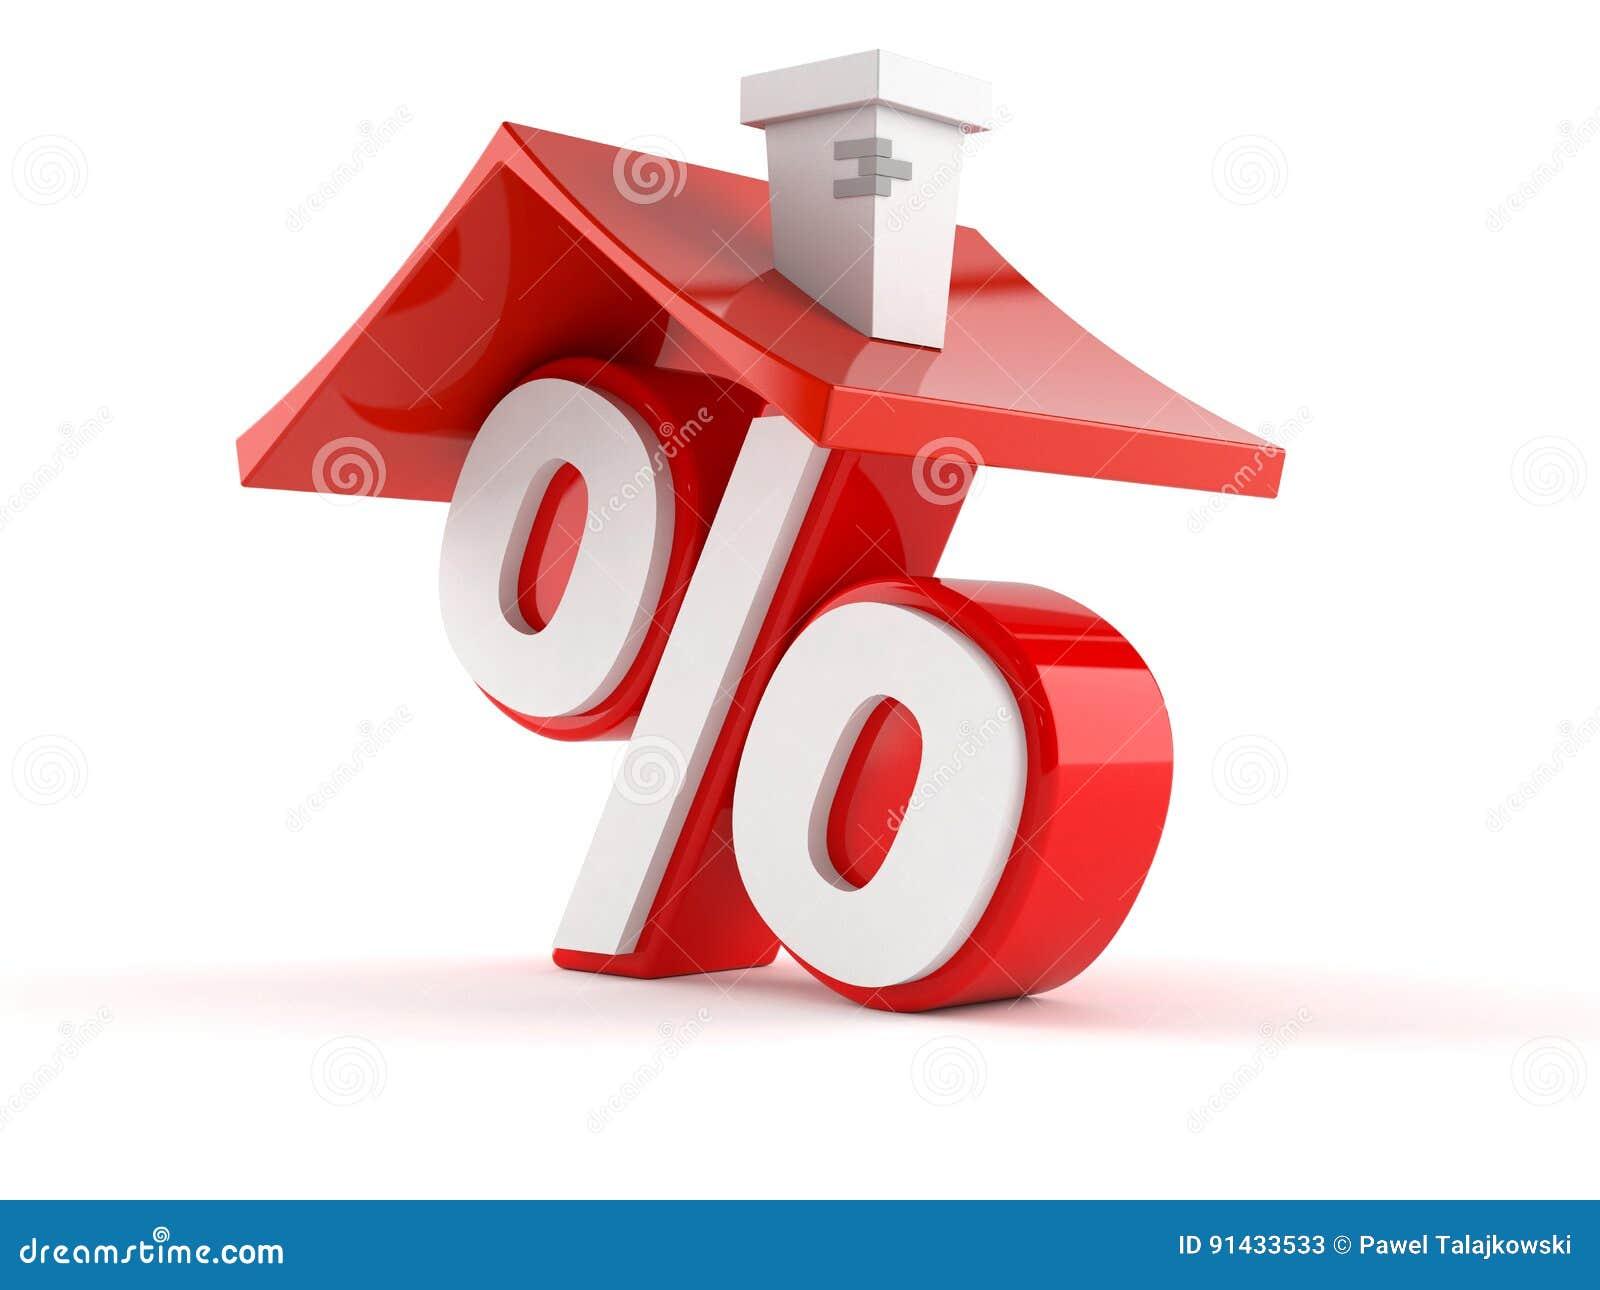 Σύμβολο τοις εκατό με τη στέγη σπιτιών